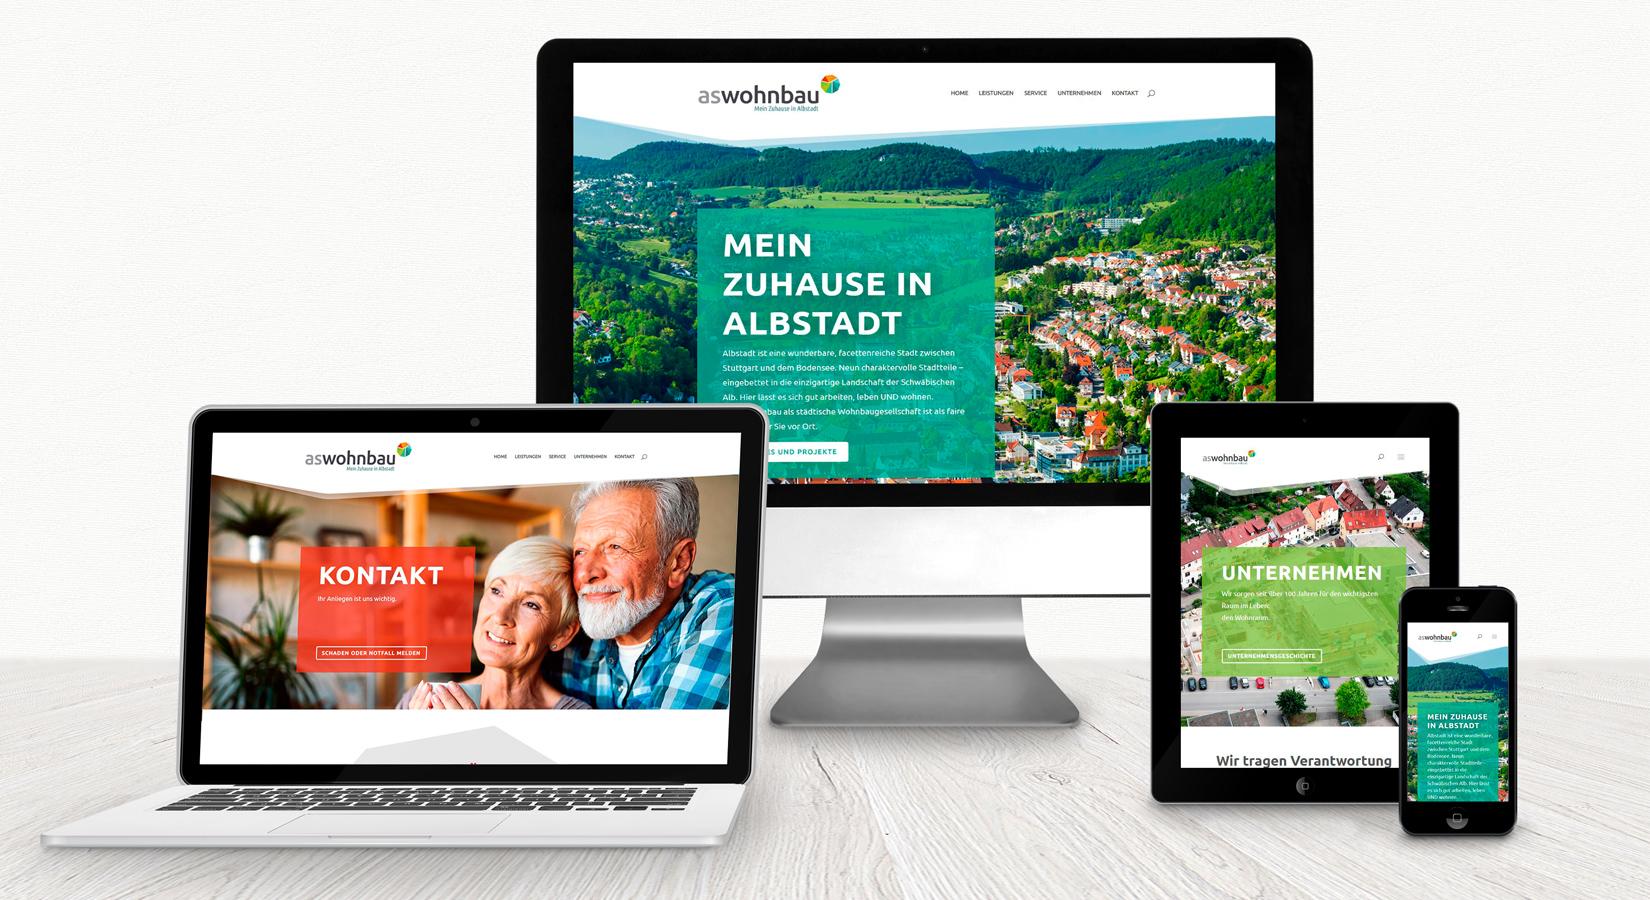 Website der aswohnbau auf verschiedenen Displays